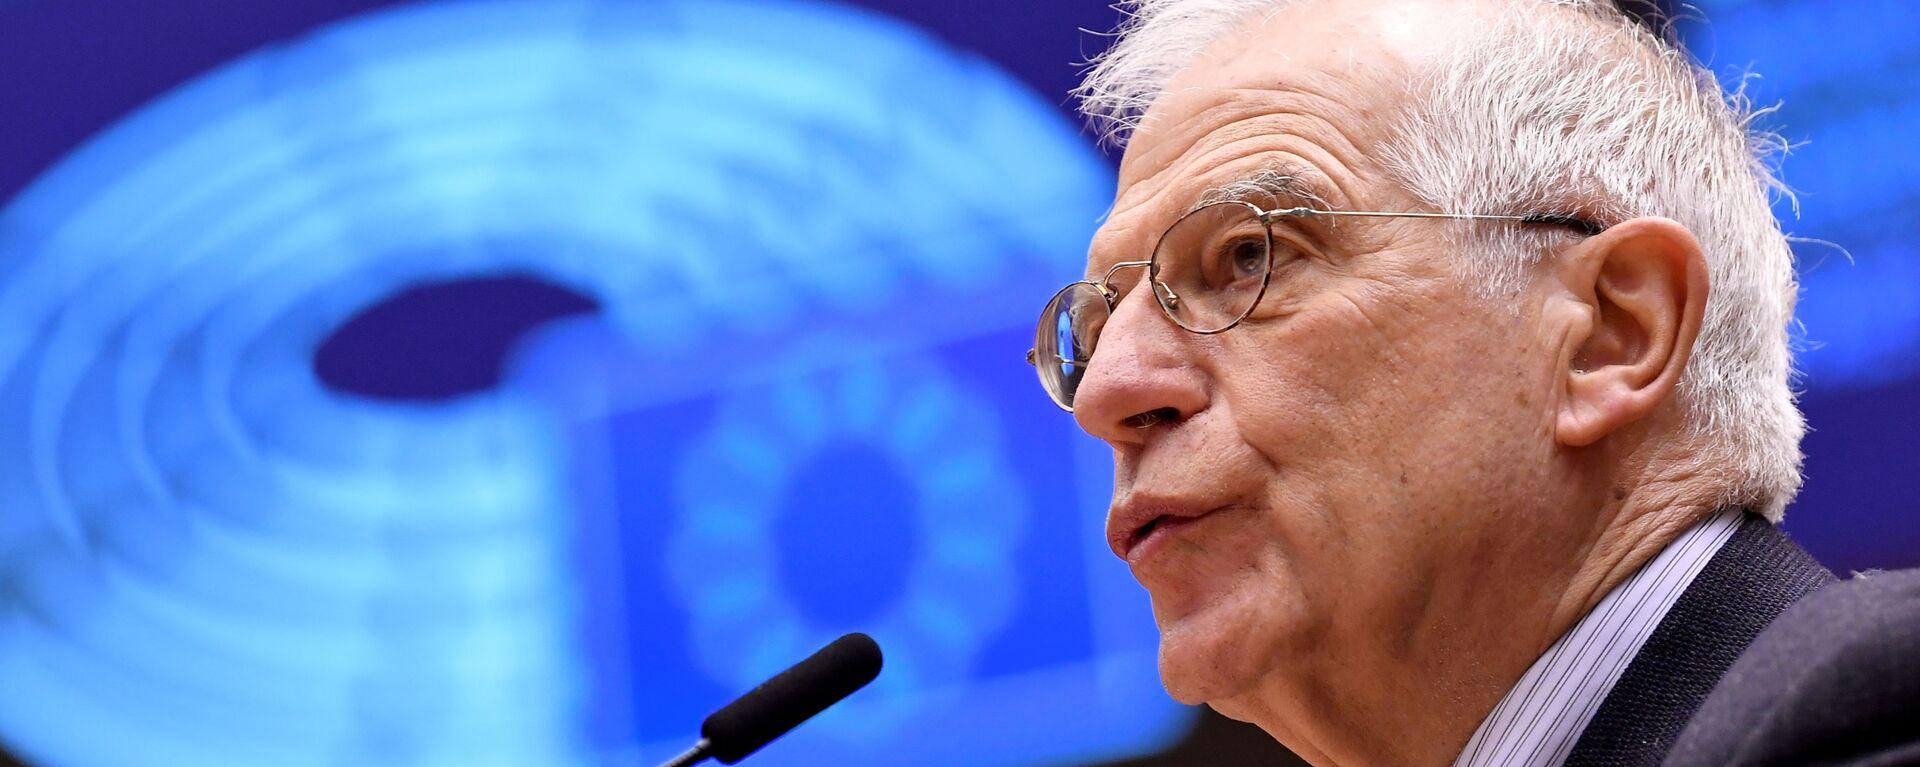 Josep Borrell, alto representante para la Política Exterior de la UE  - Sputnik Mundo, 1920, 27.05.2021